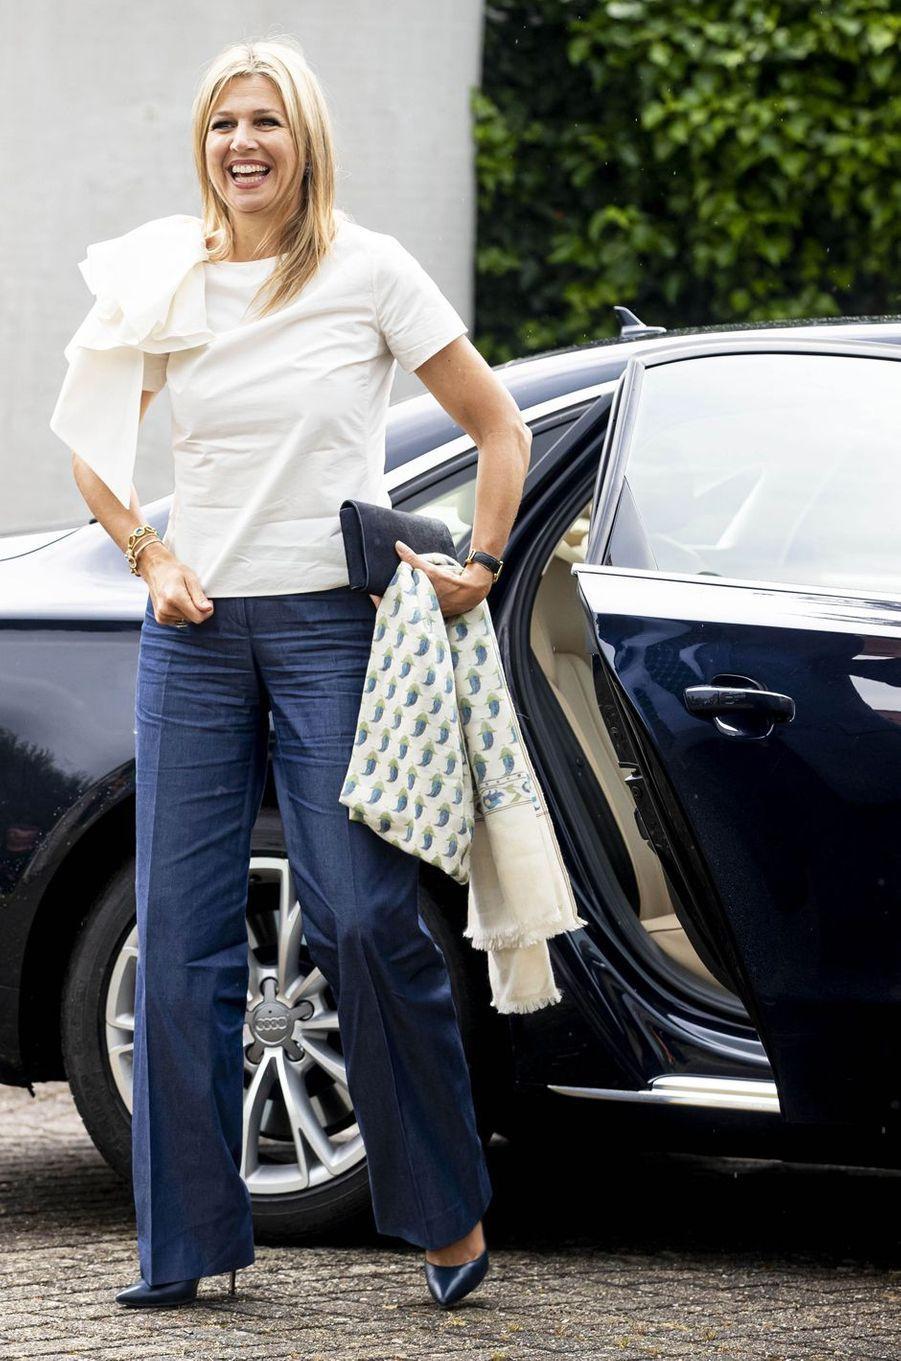 La reine Maxima des Pays-Bas à son arrivée à Puttershoek, le 16 juin 2020